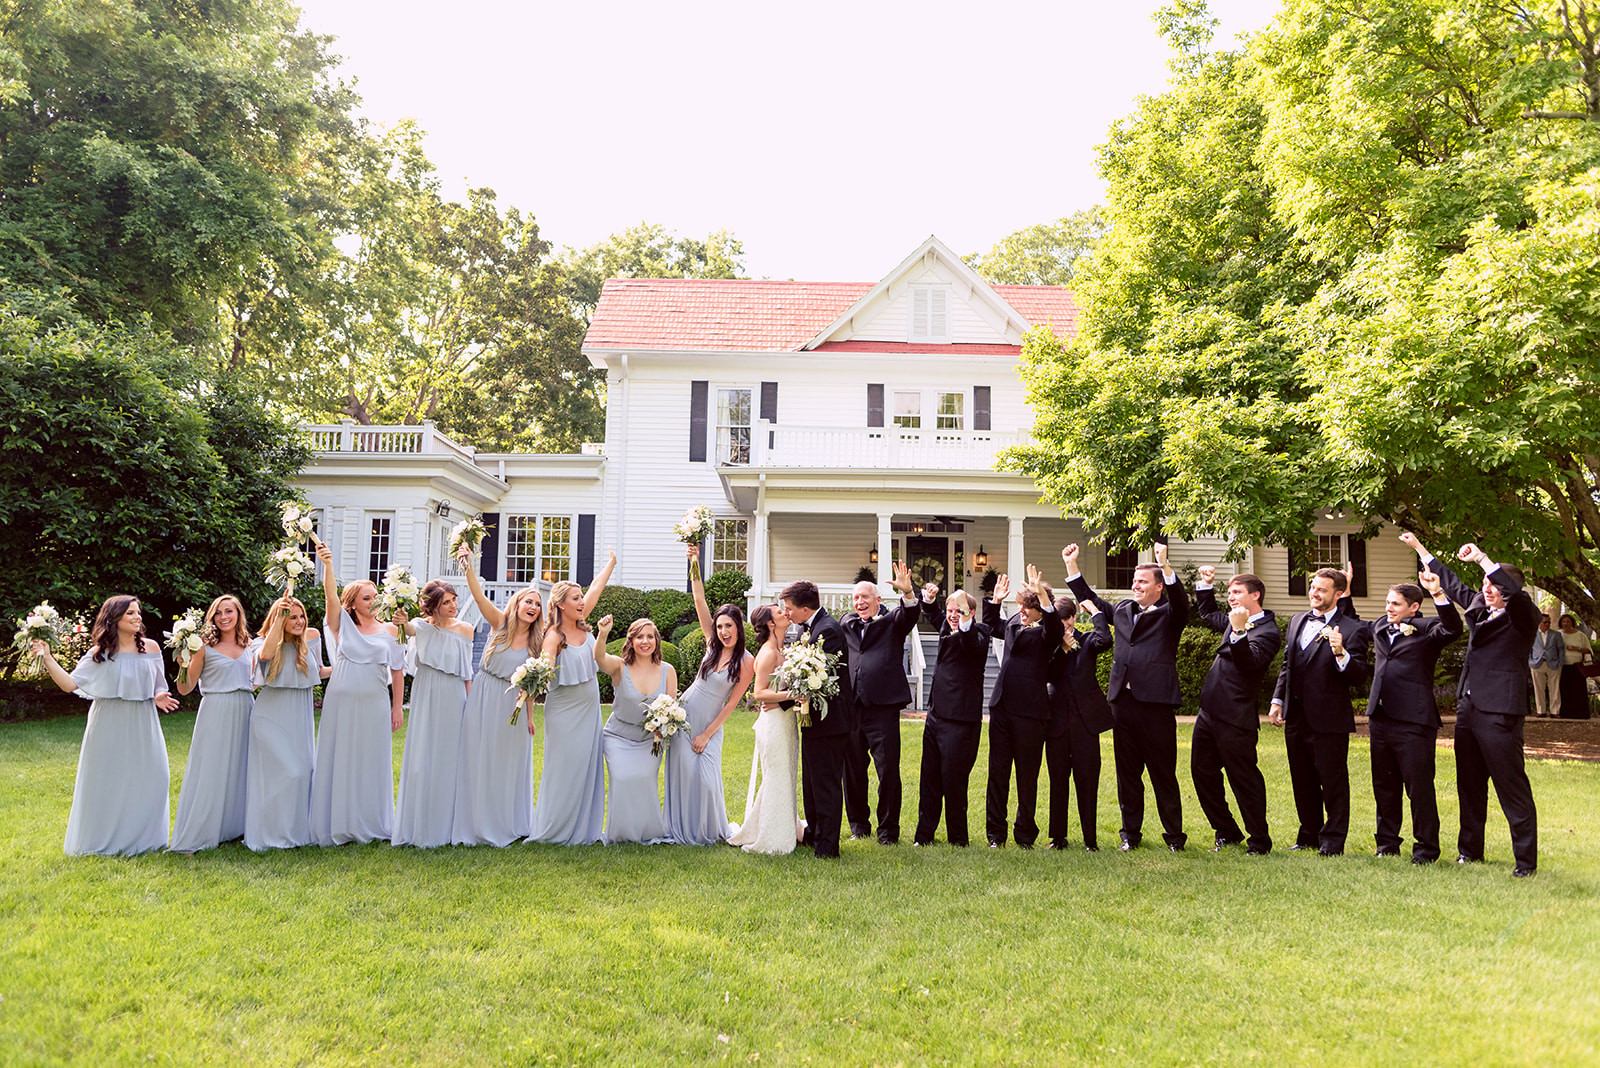 Payne-Corley House Spring Wedding